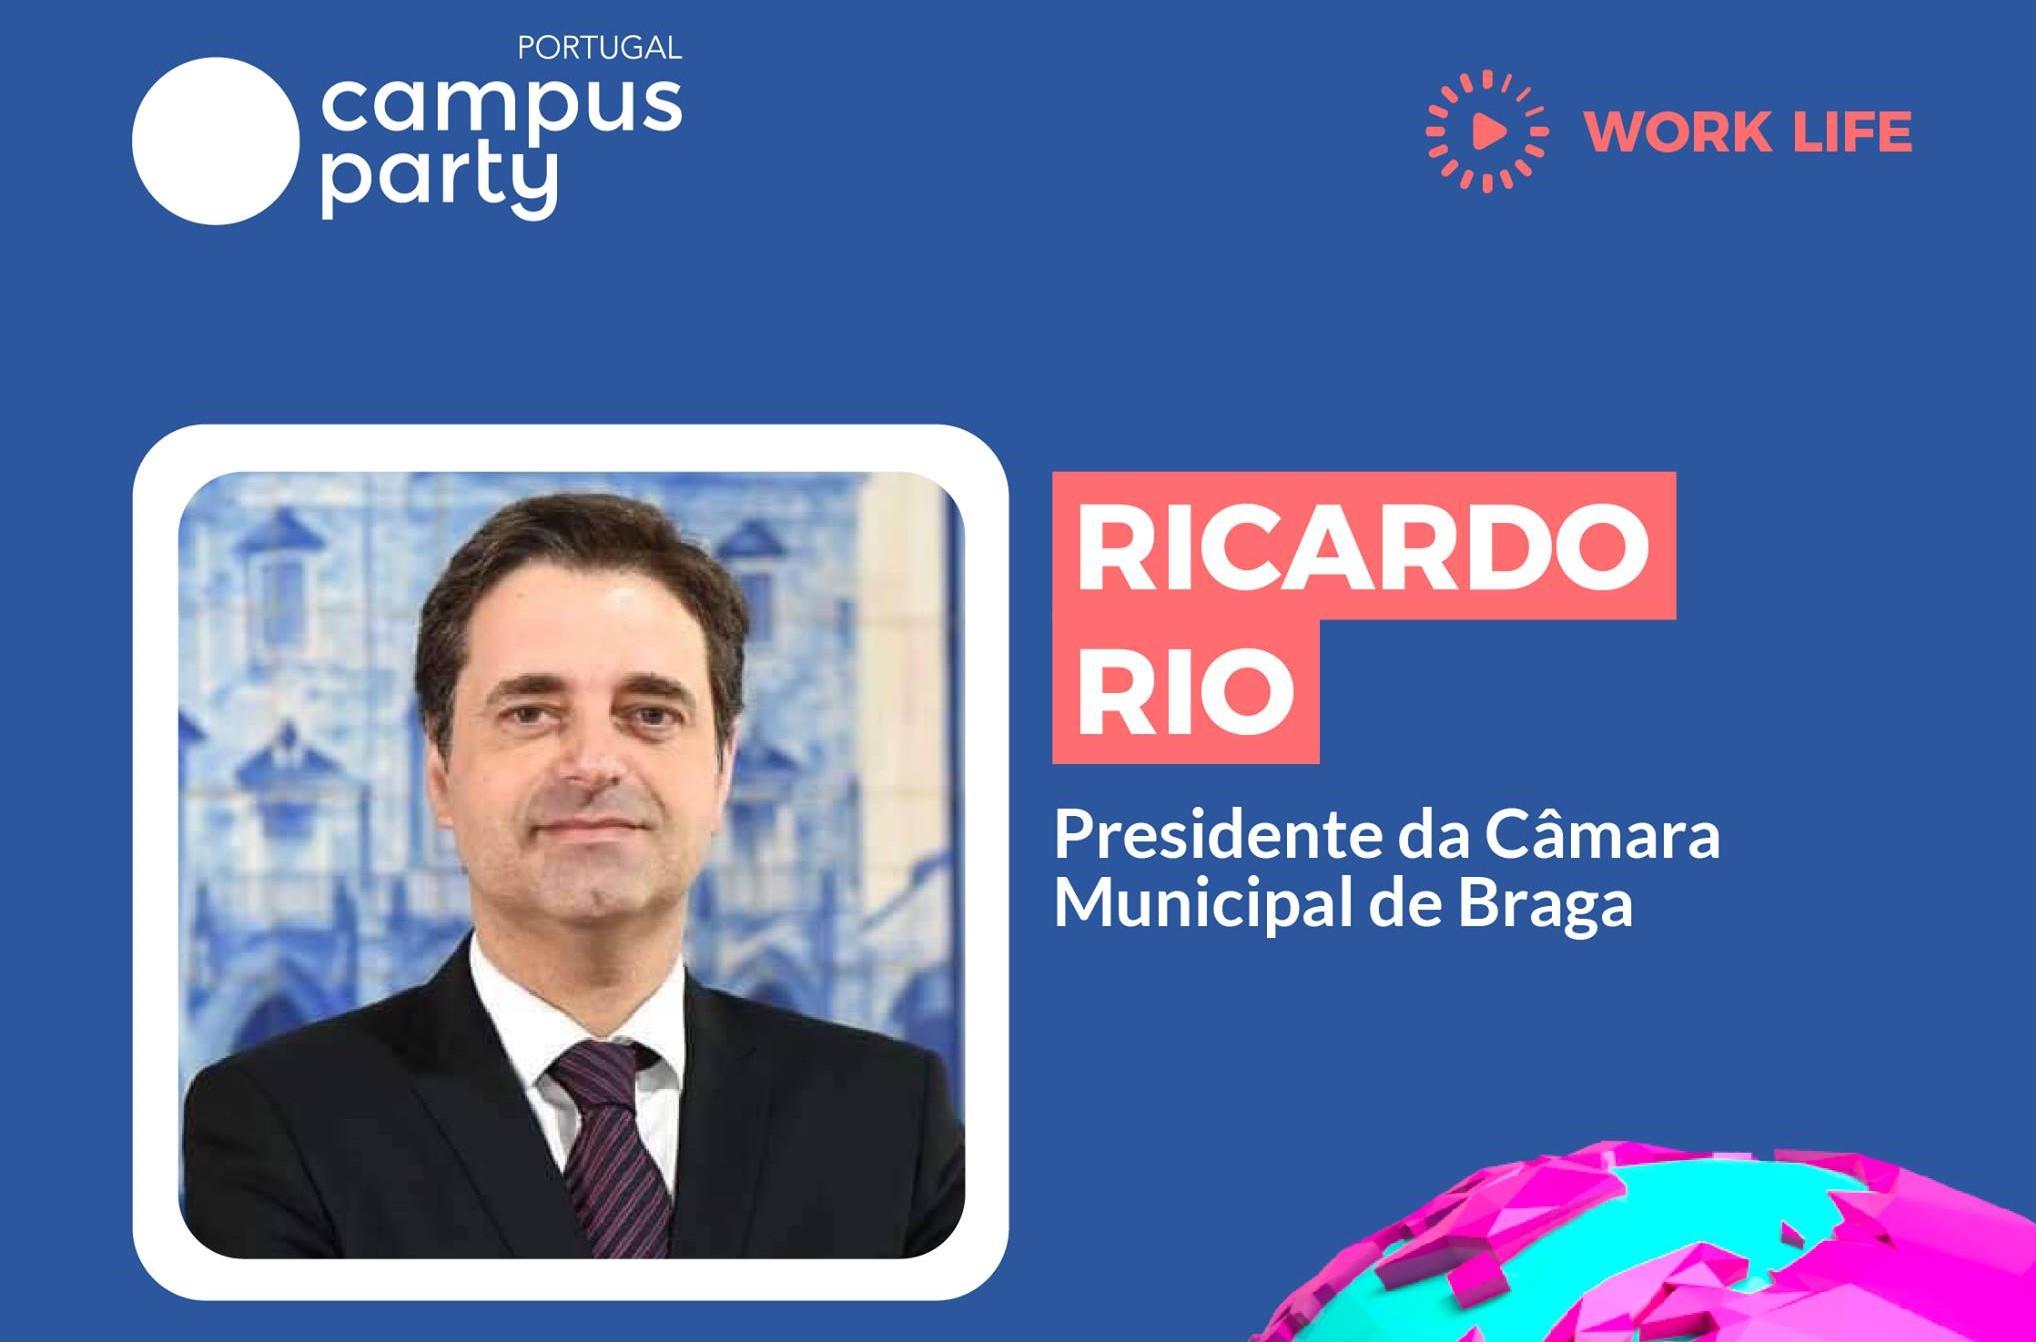 Ricardo Rio promove Braga como cidade inovadora à escala internacional (c/vídeo)